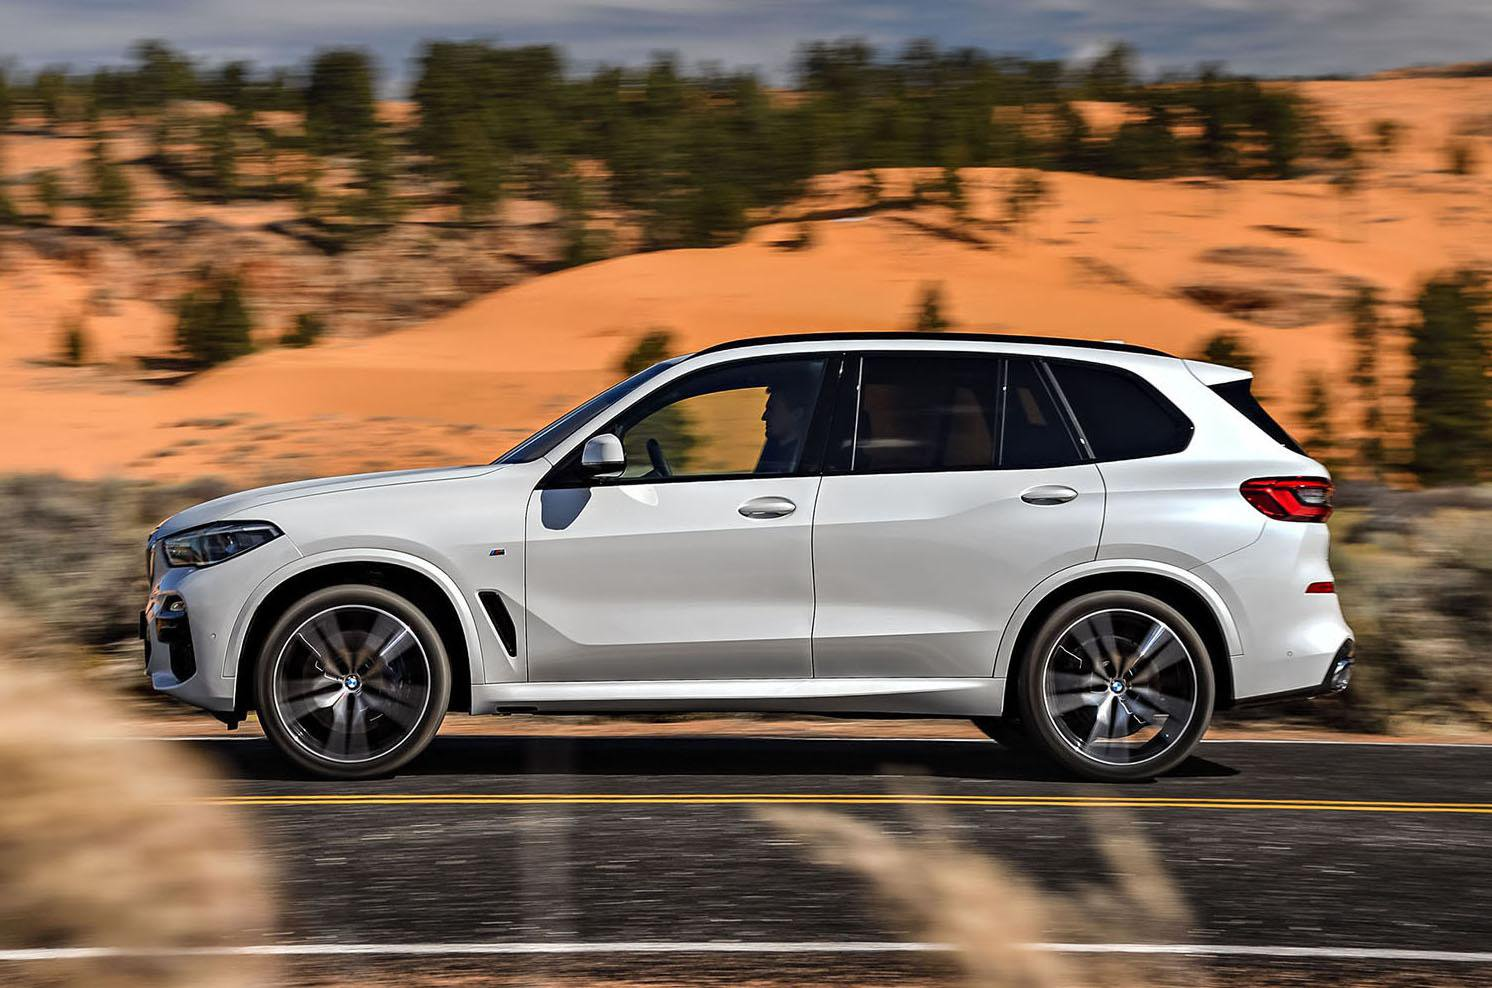 2018 BMW X5 side